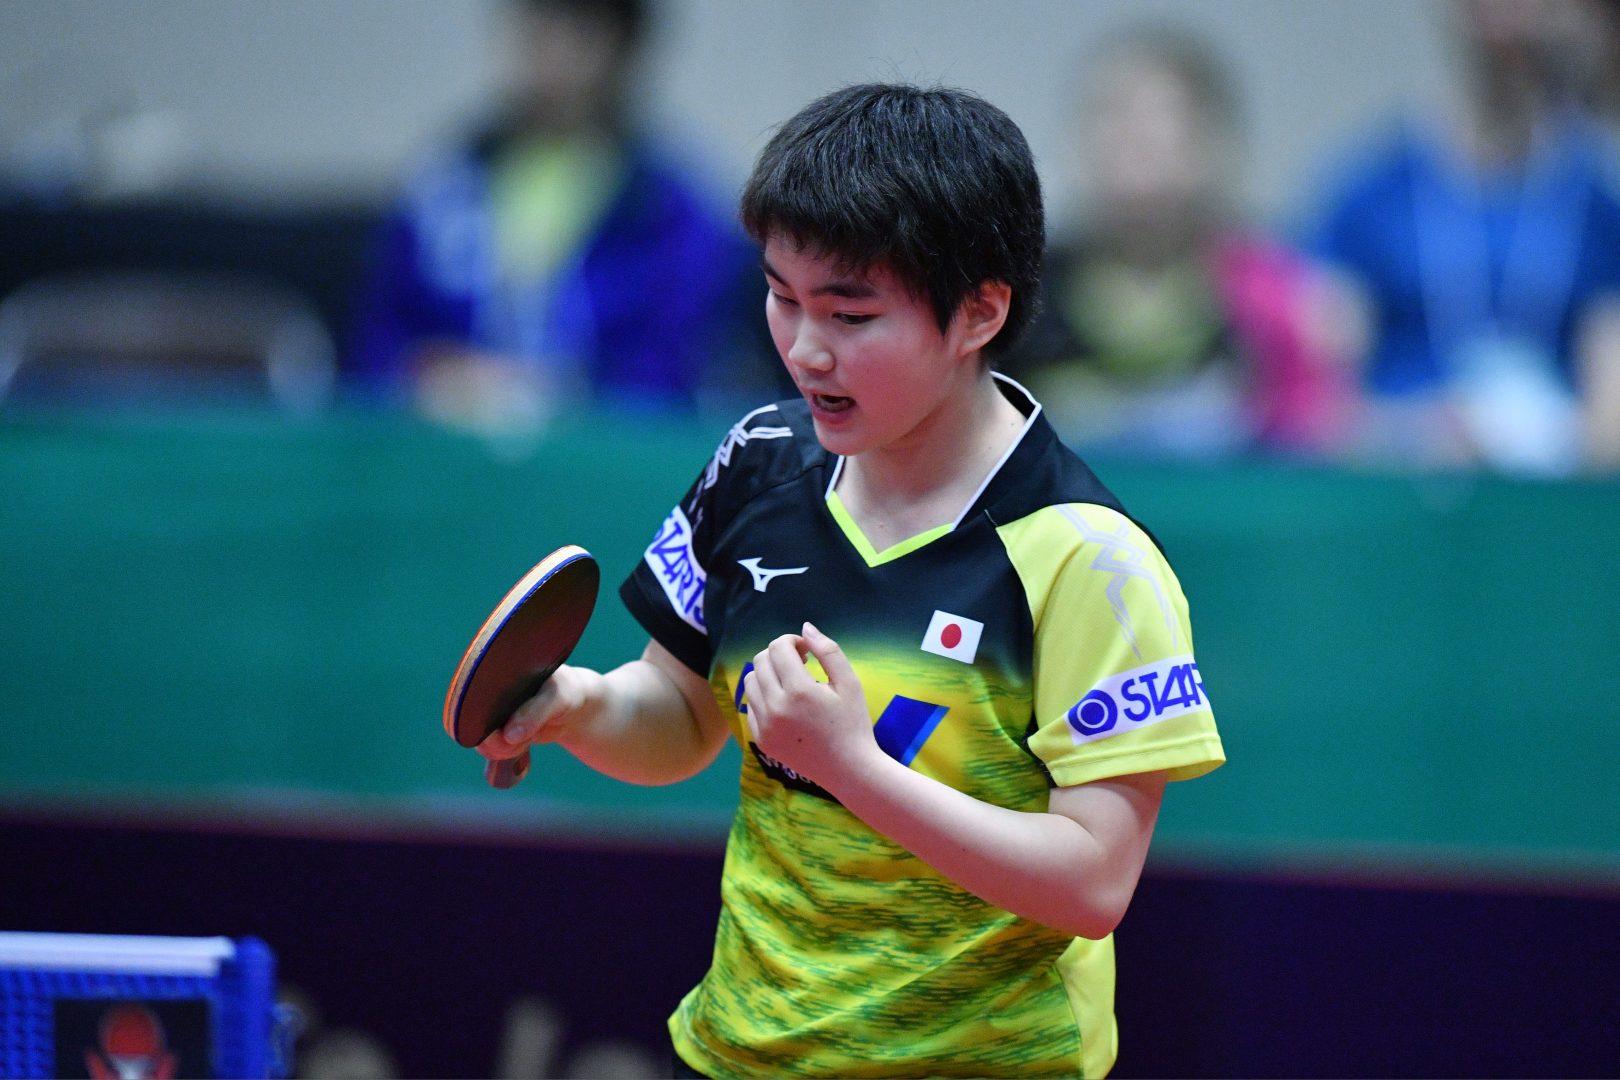 【卓球】神、大藤がシングルスで4強入り 女子ダブルス決勝は日本ペア対決に<スロベニアOP>